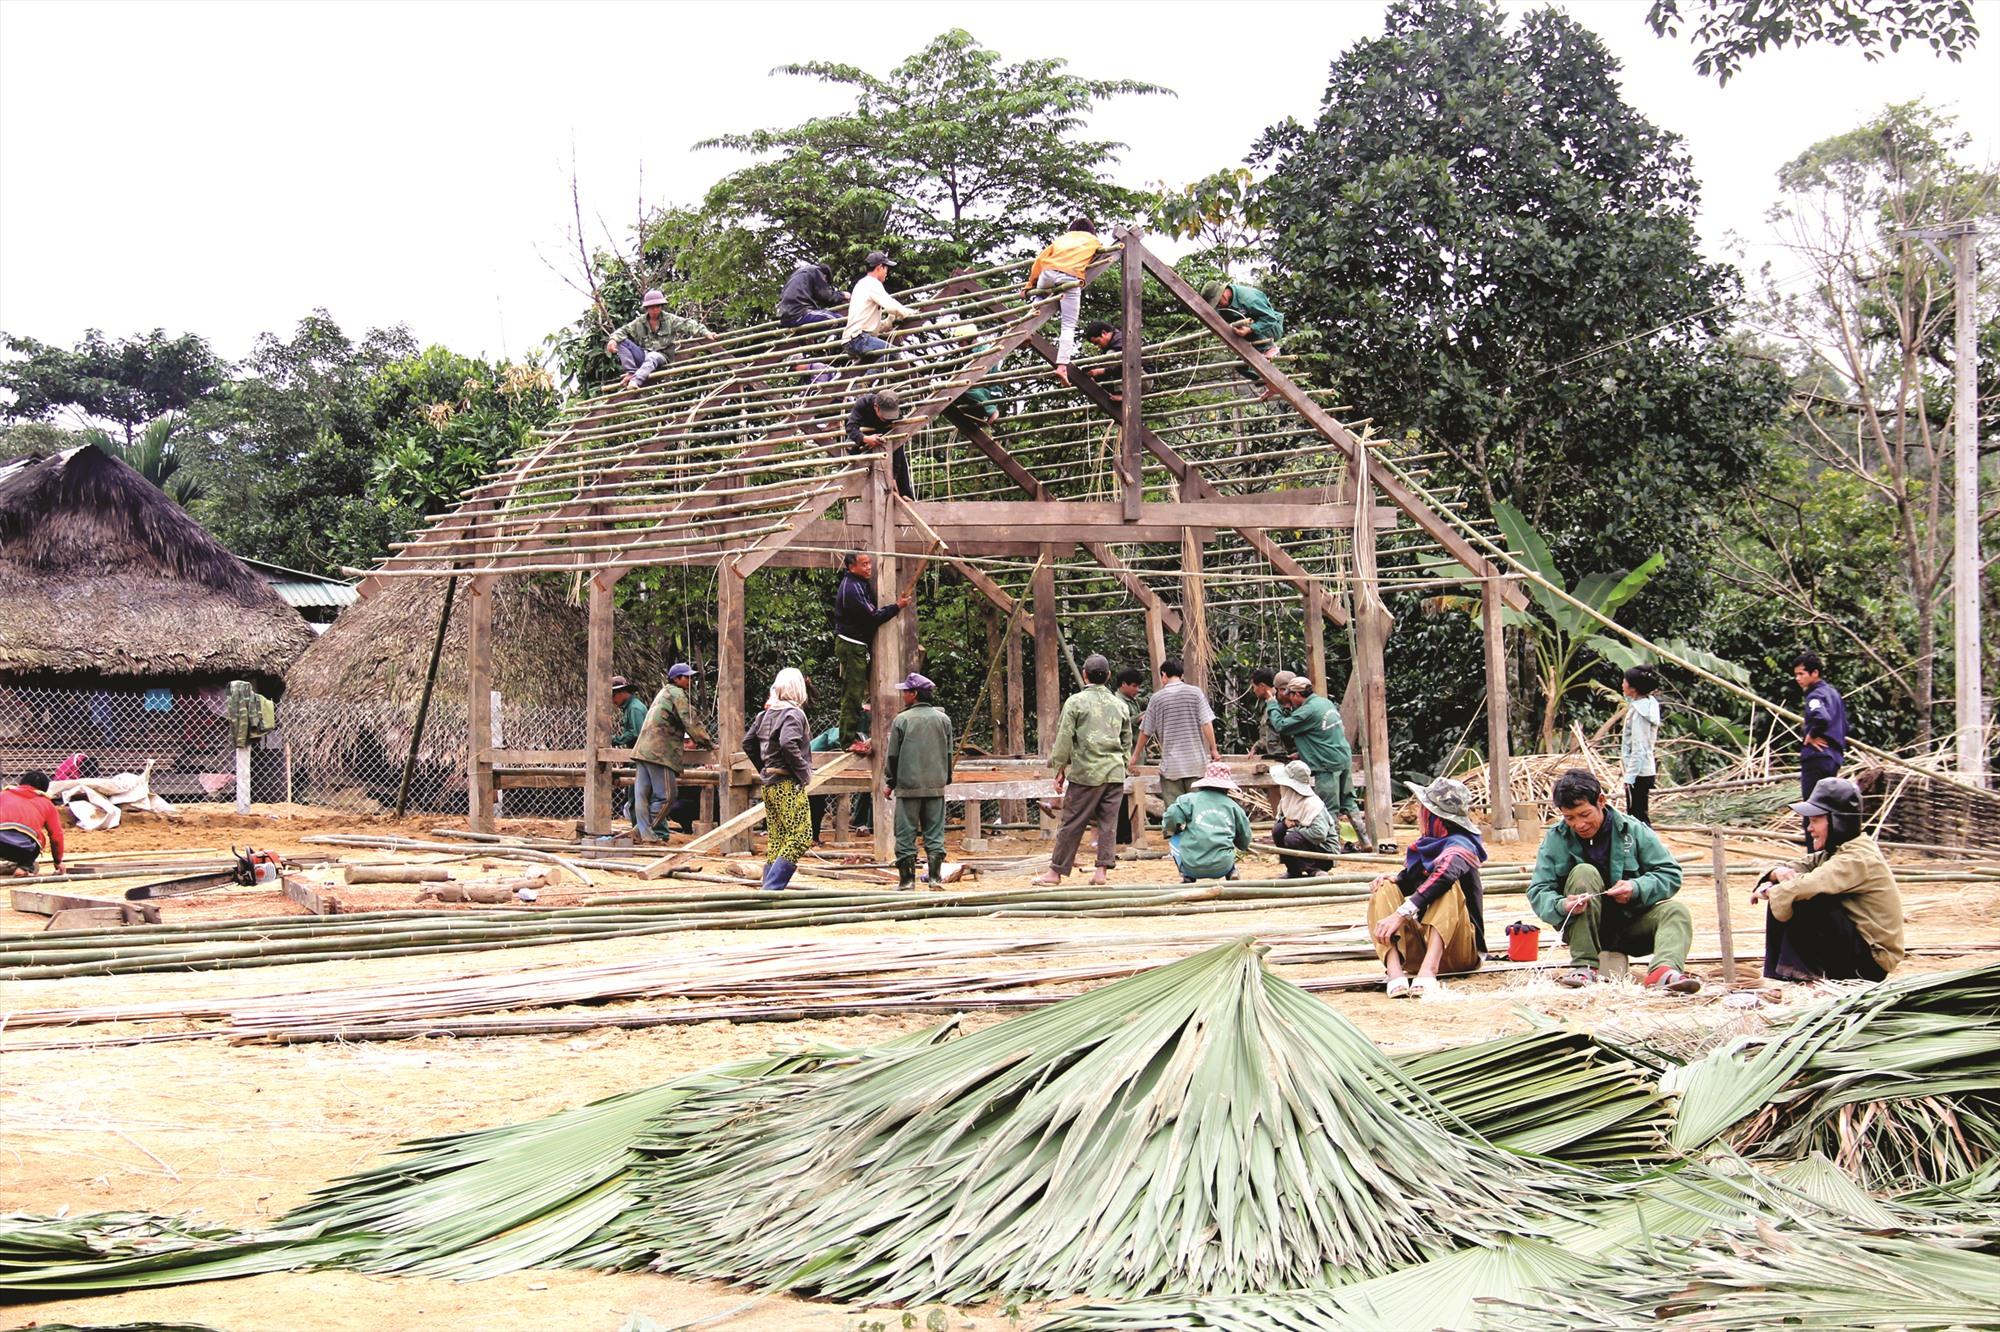 Đồng bào miền núi thường chọn dựng làng ở những nơi phù hợp với phong tục tập quán và thuận lợi cho sinh kế. Ảnh: N.H